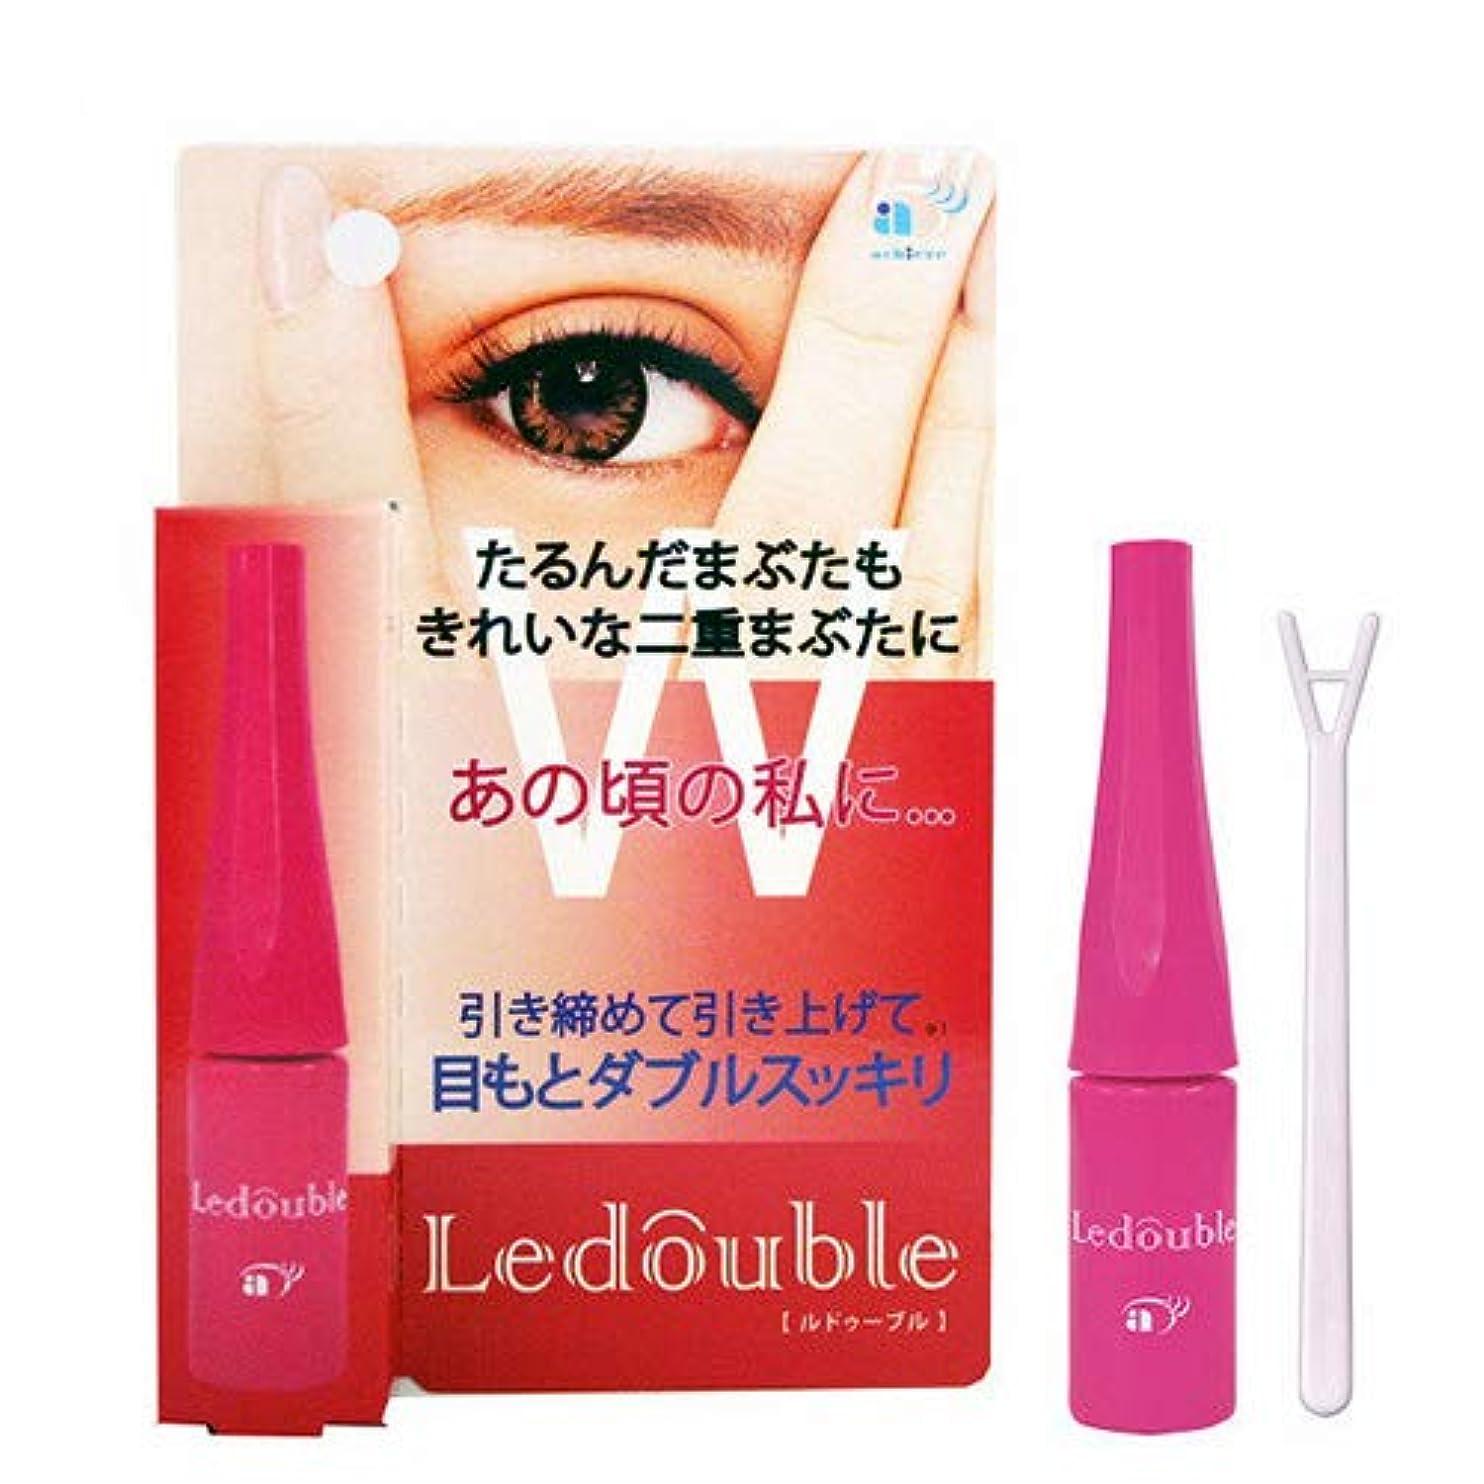 不十分なアジテーション輝度大人のLedouble [大人のルドゥーブル] 二重まぶた化粧品 (4mL)×2個セット